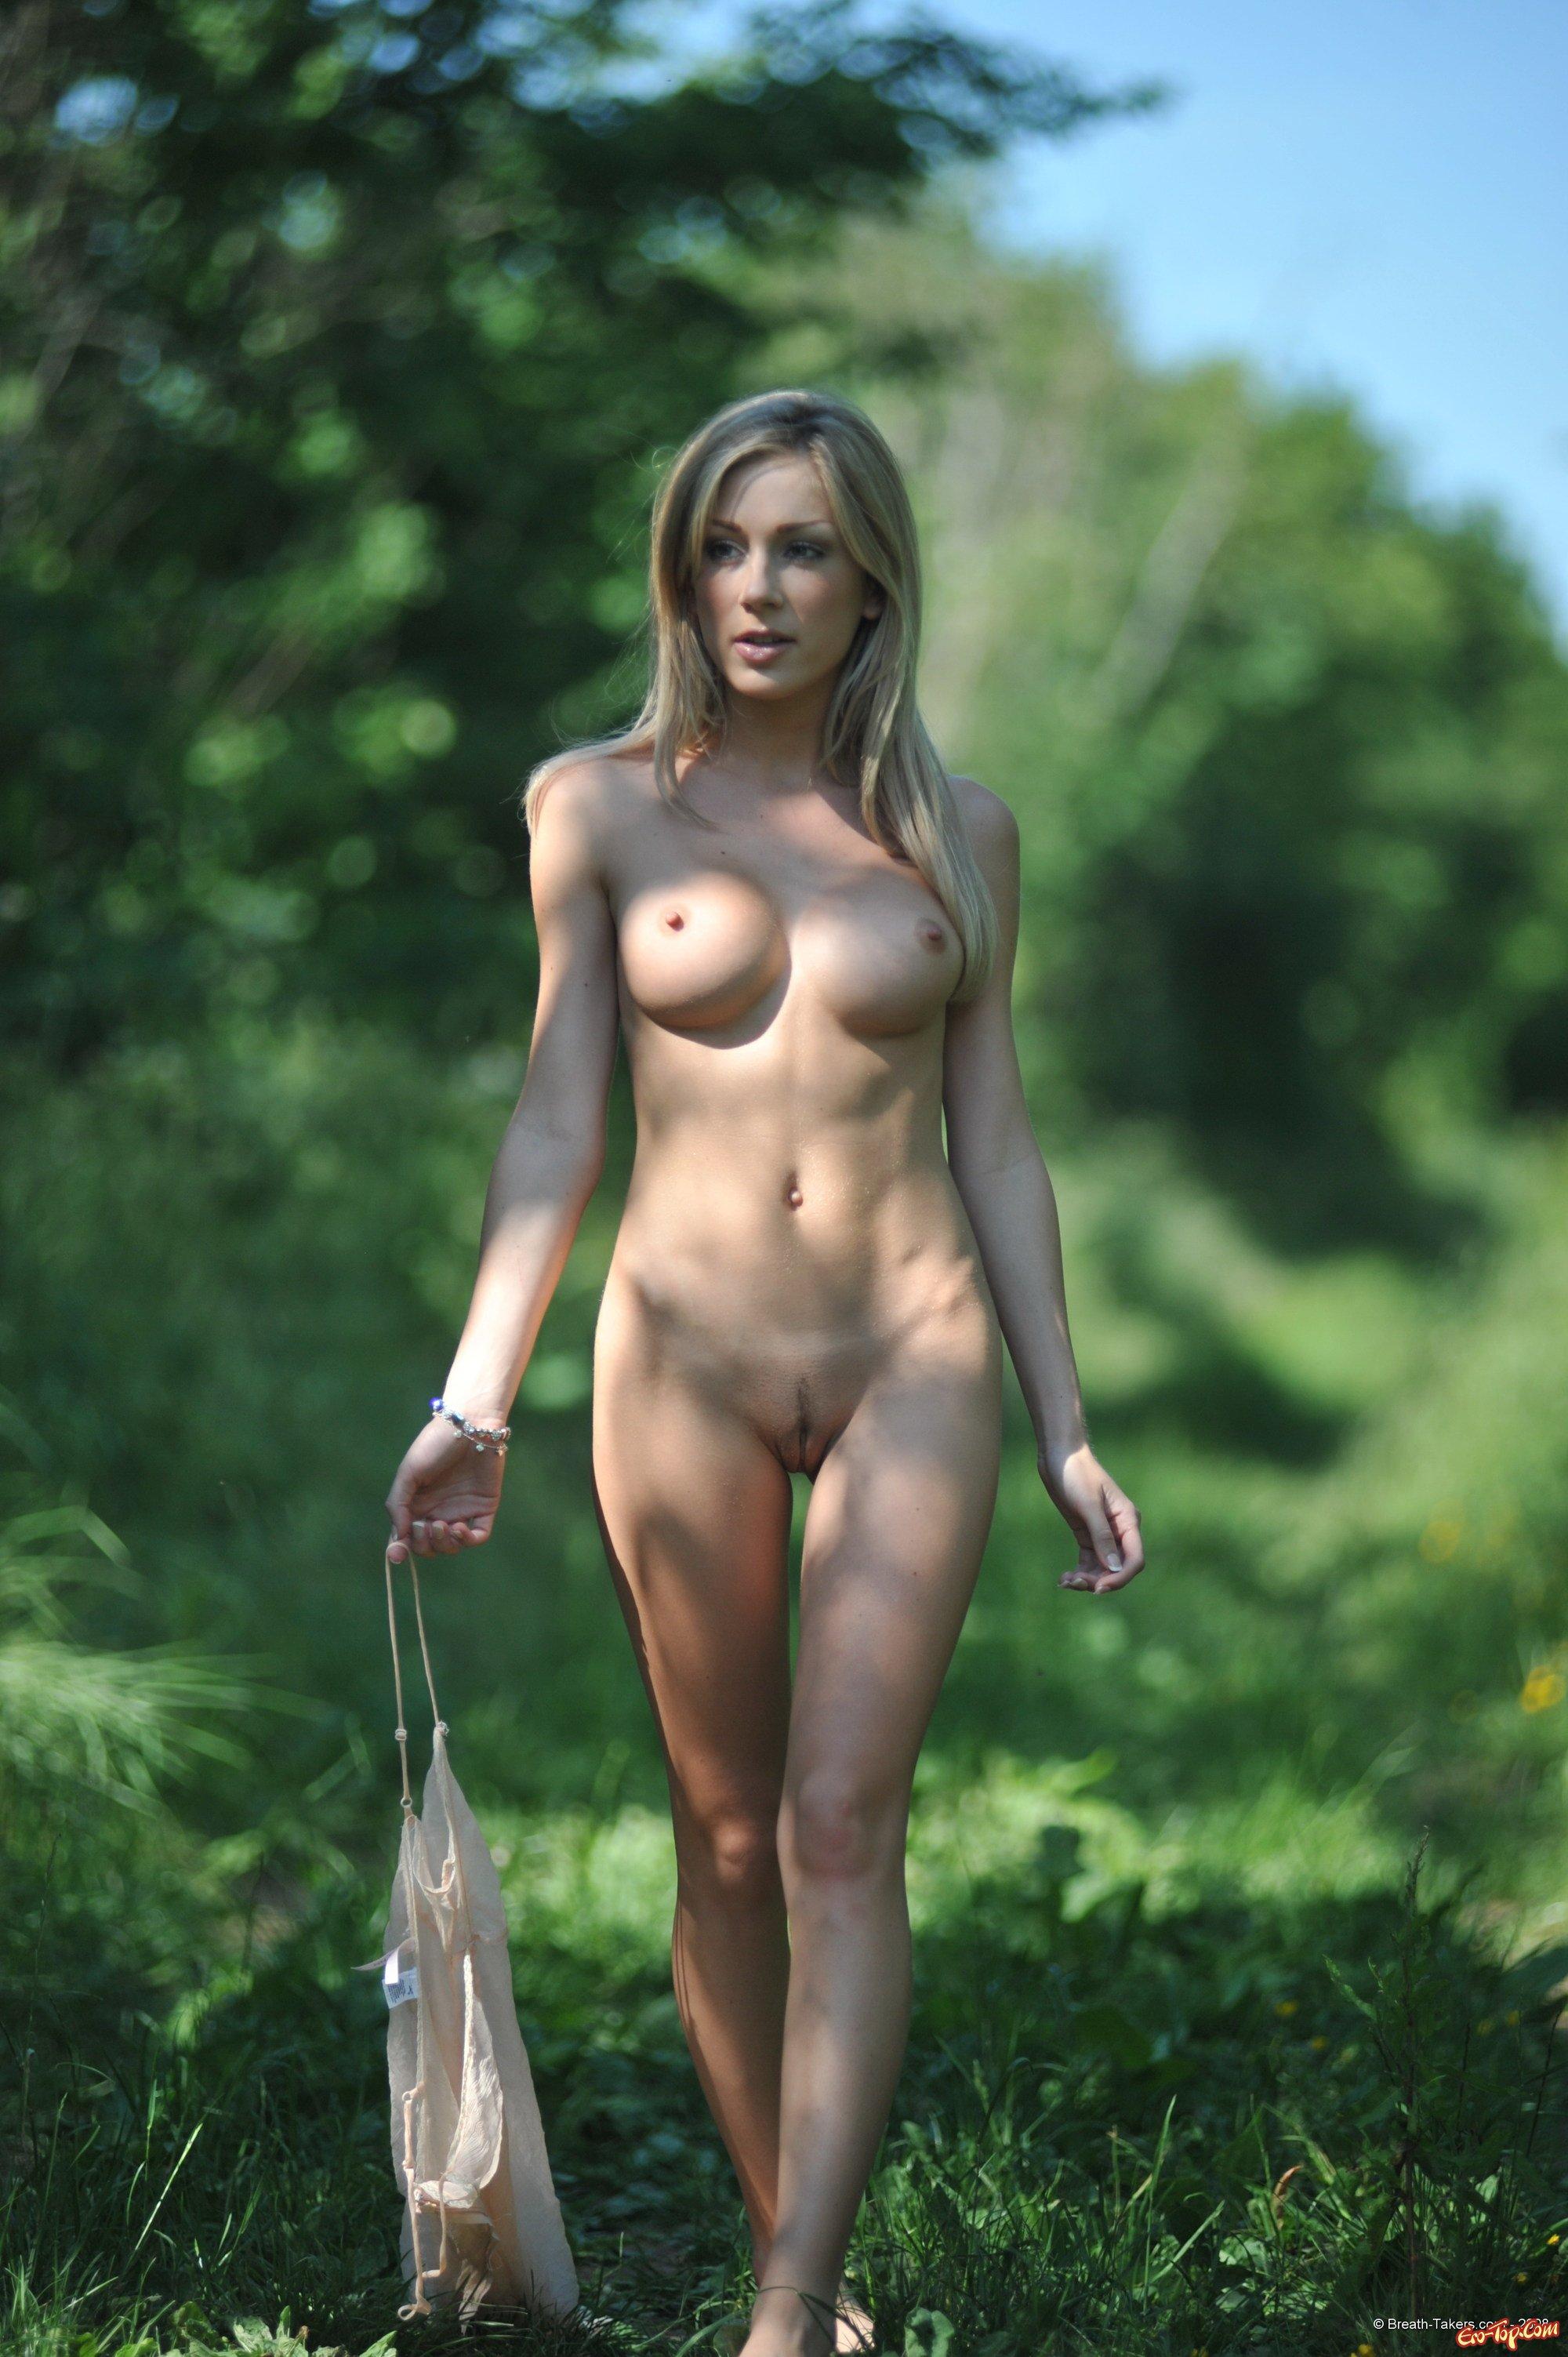 Фото голых женщин за 40  Фото красивых голых девушек